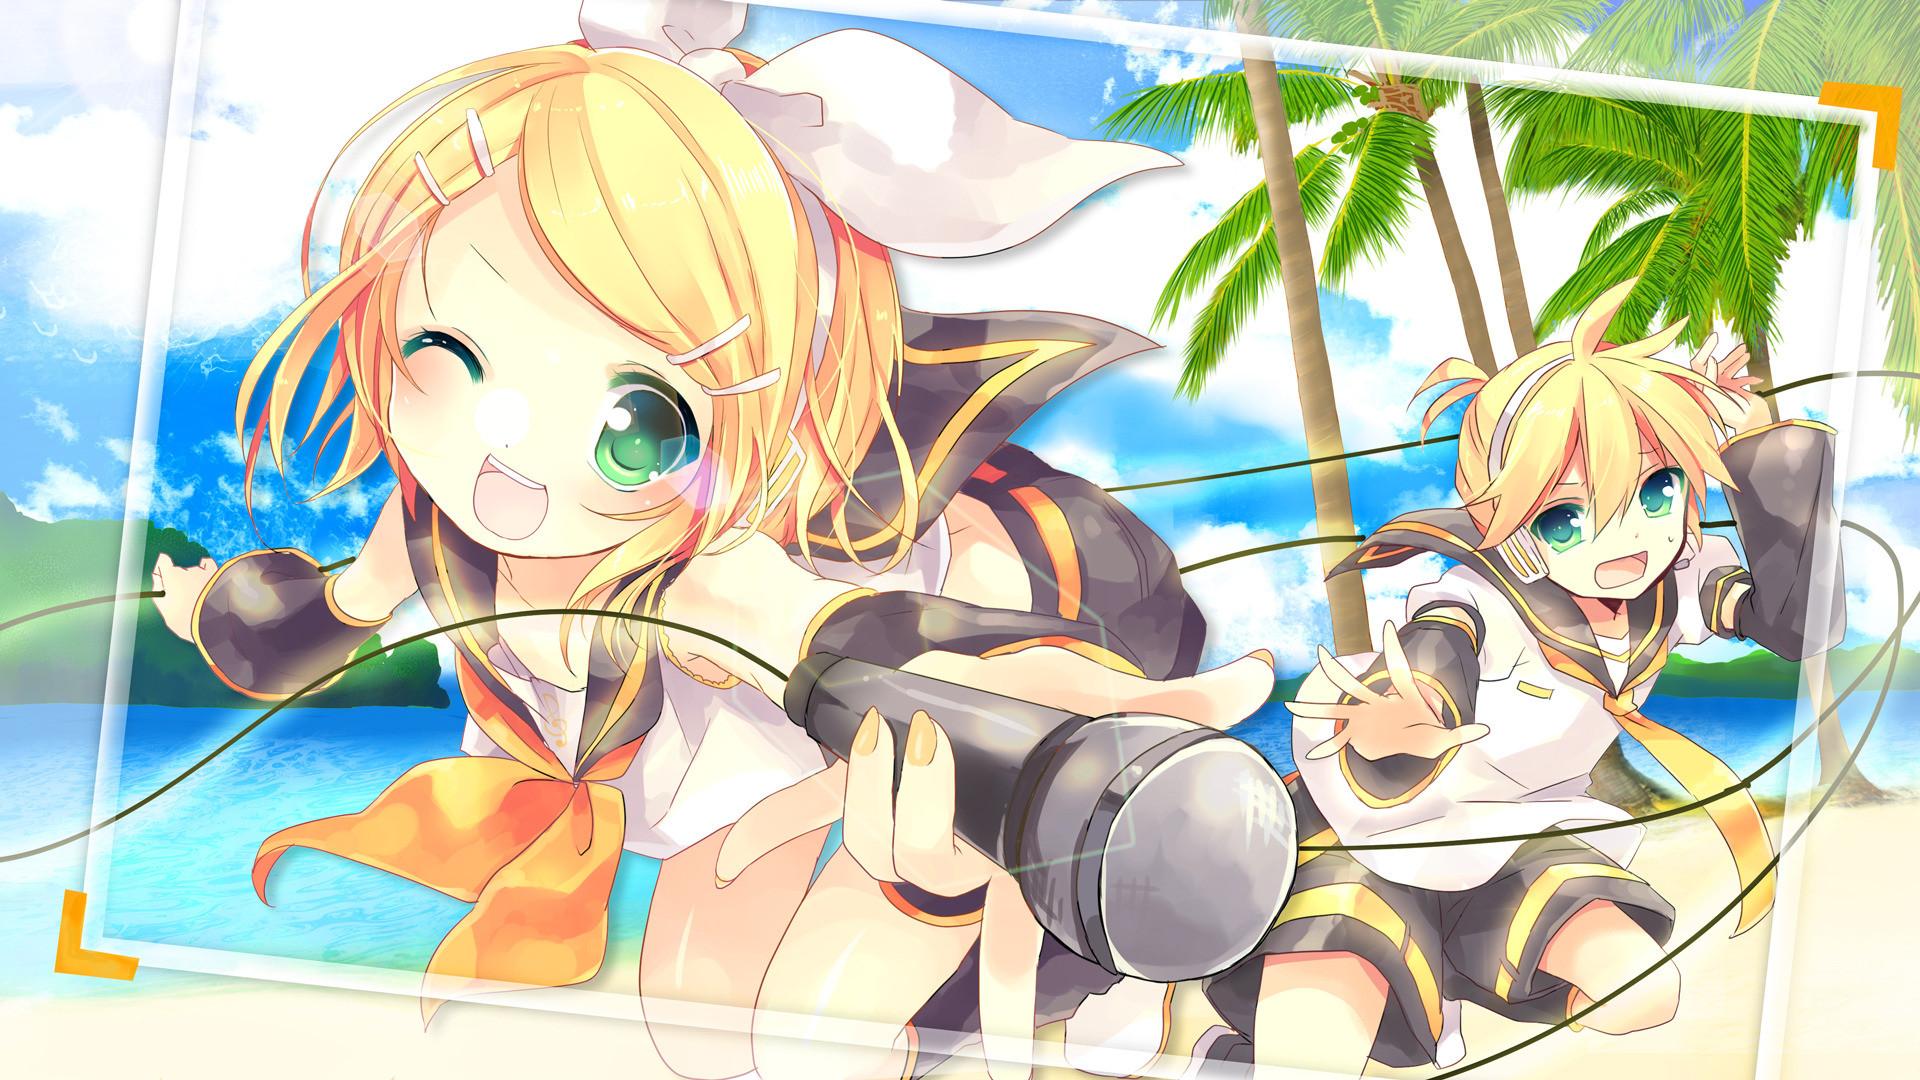 Anime Kosuzume Vocaloid Kagamine Len Kagamine Rin